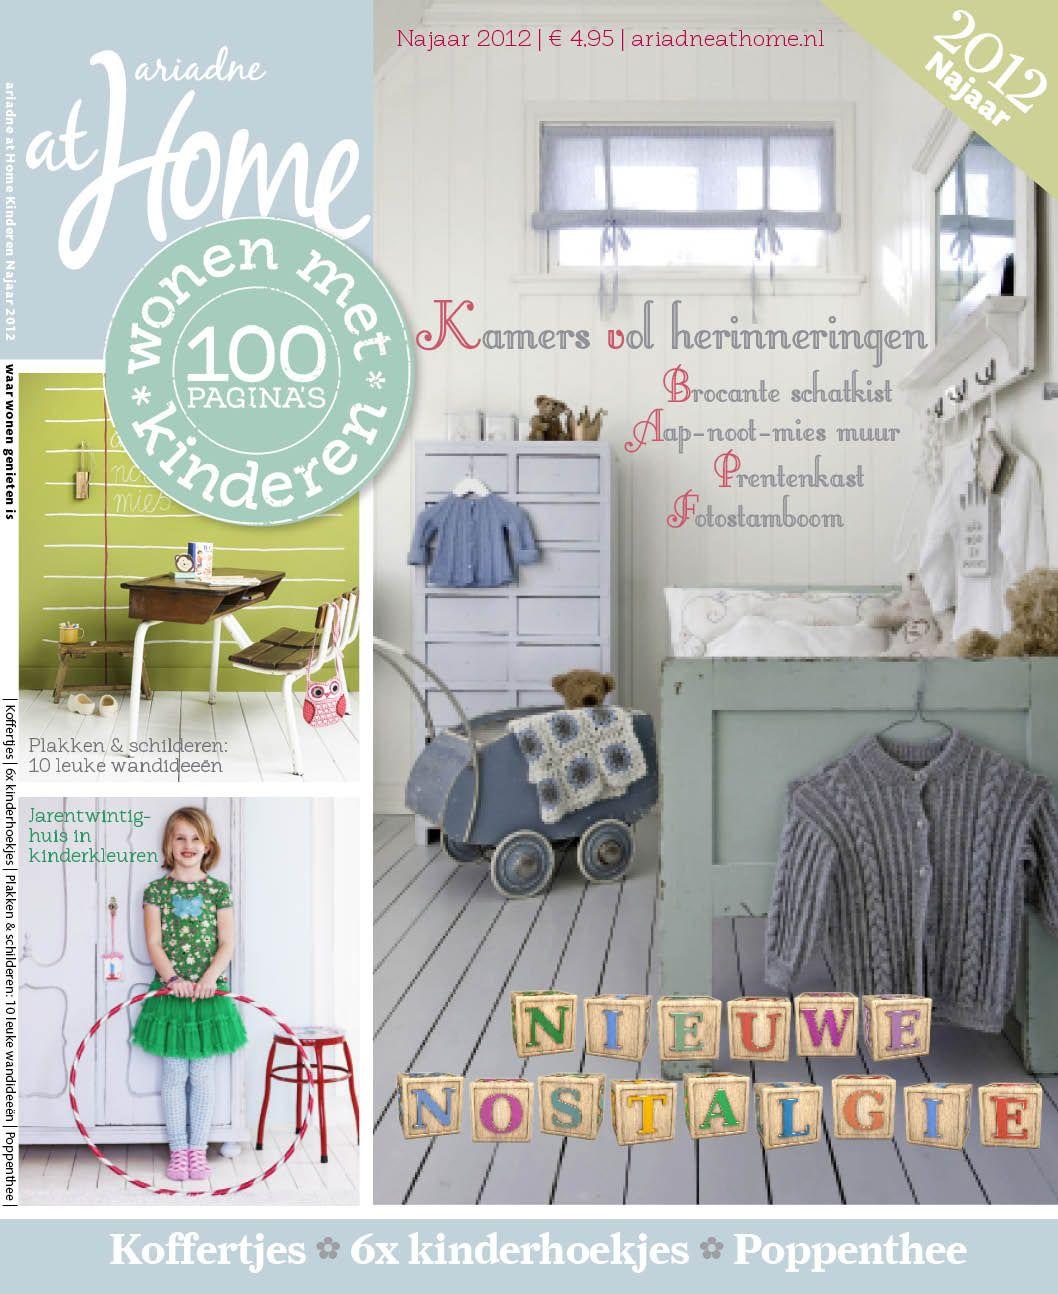 Nu al te bestellen: ariadne at Home Kinderen Najaar/Winter 2012